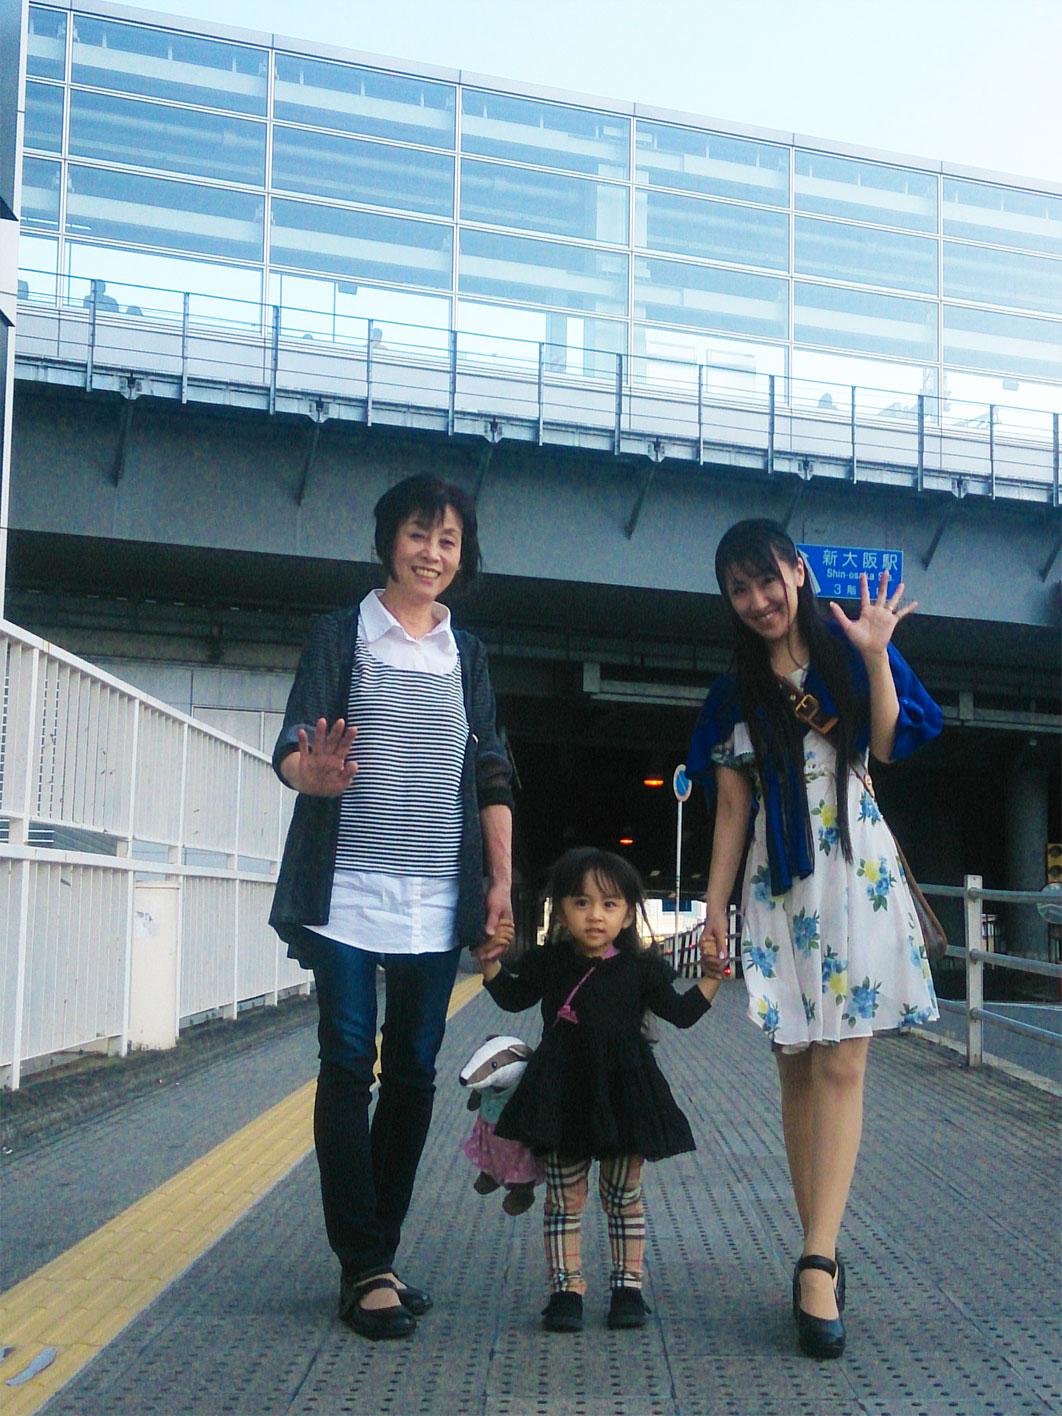 大阪から帰宅☆ GWの幸せな時間達。_d0224894_012814.jpg